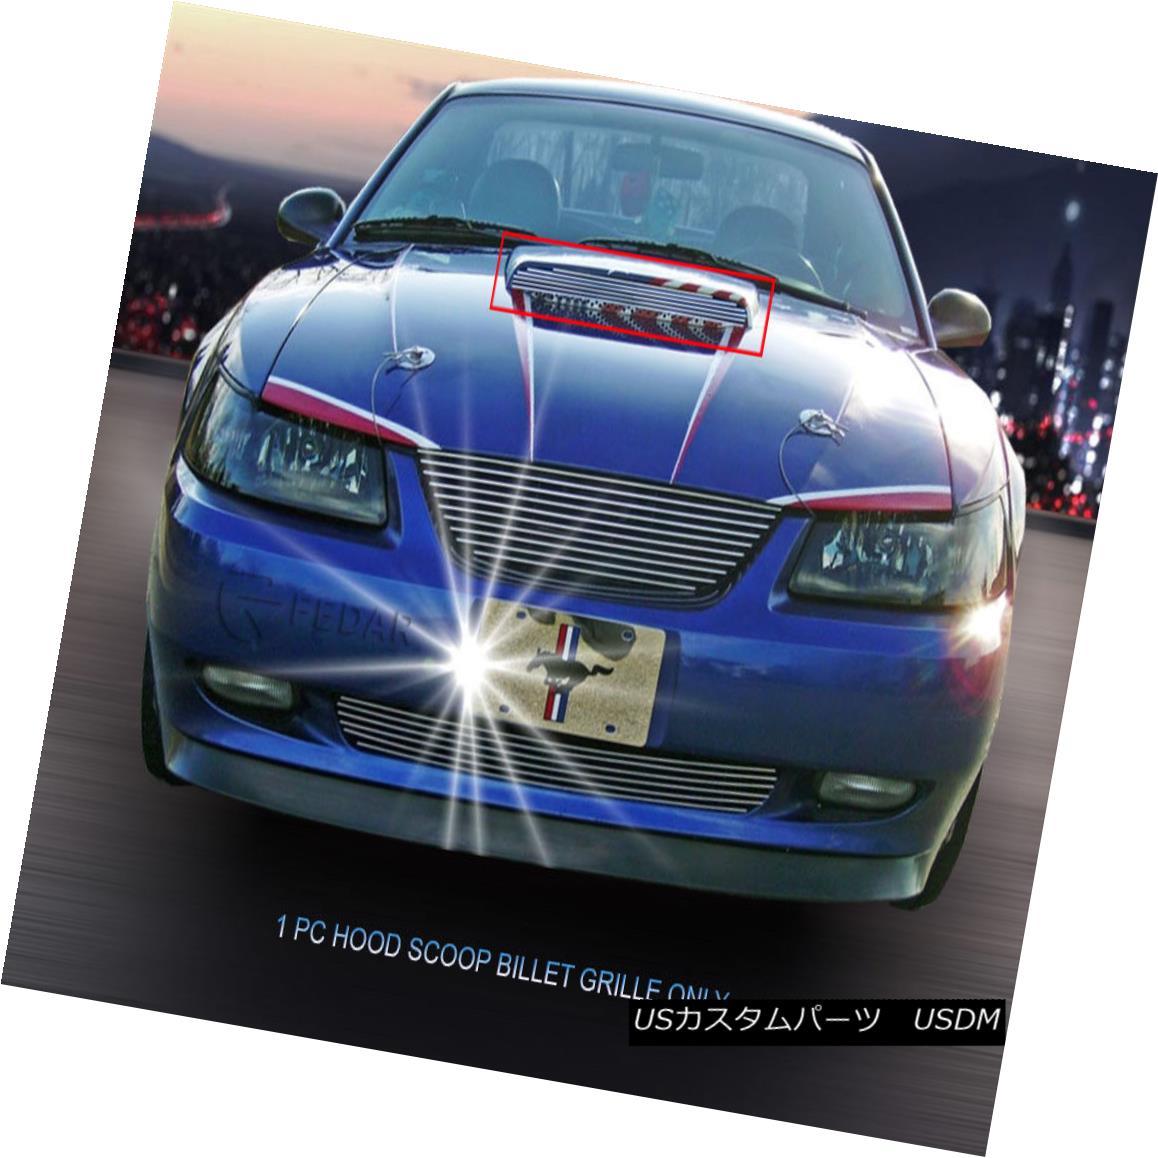 グリル 1999-2004 Ford Mustang GT V8 Hood Scoop Billet Grille Upper Grill Insert Fedar 1999-2004フォードマスタングGT V8フードスクープビレットグリルアッパーグリルインサートフェルダ